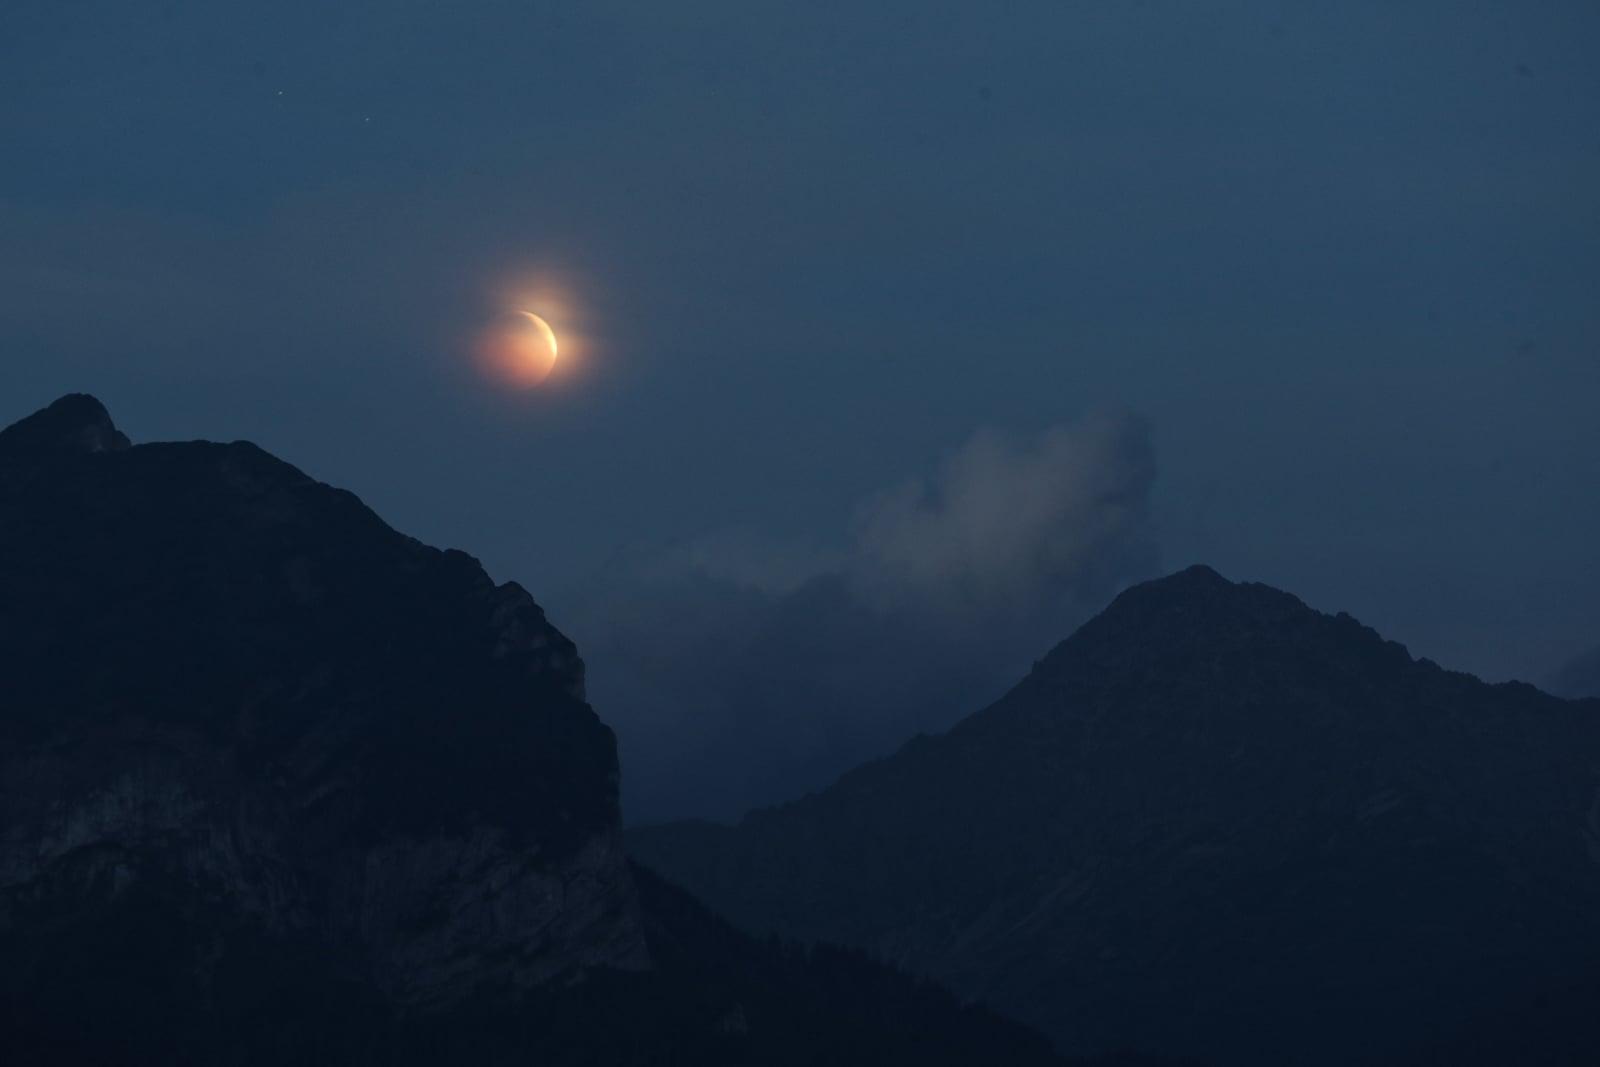 Zaćmienie księżyca nad Tatrami Bielskimi obserwowane z Wierchu Poroniec, fot. PAP/Grzegorz Momot